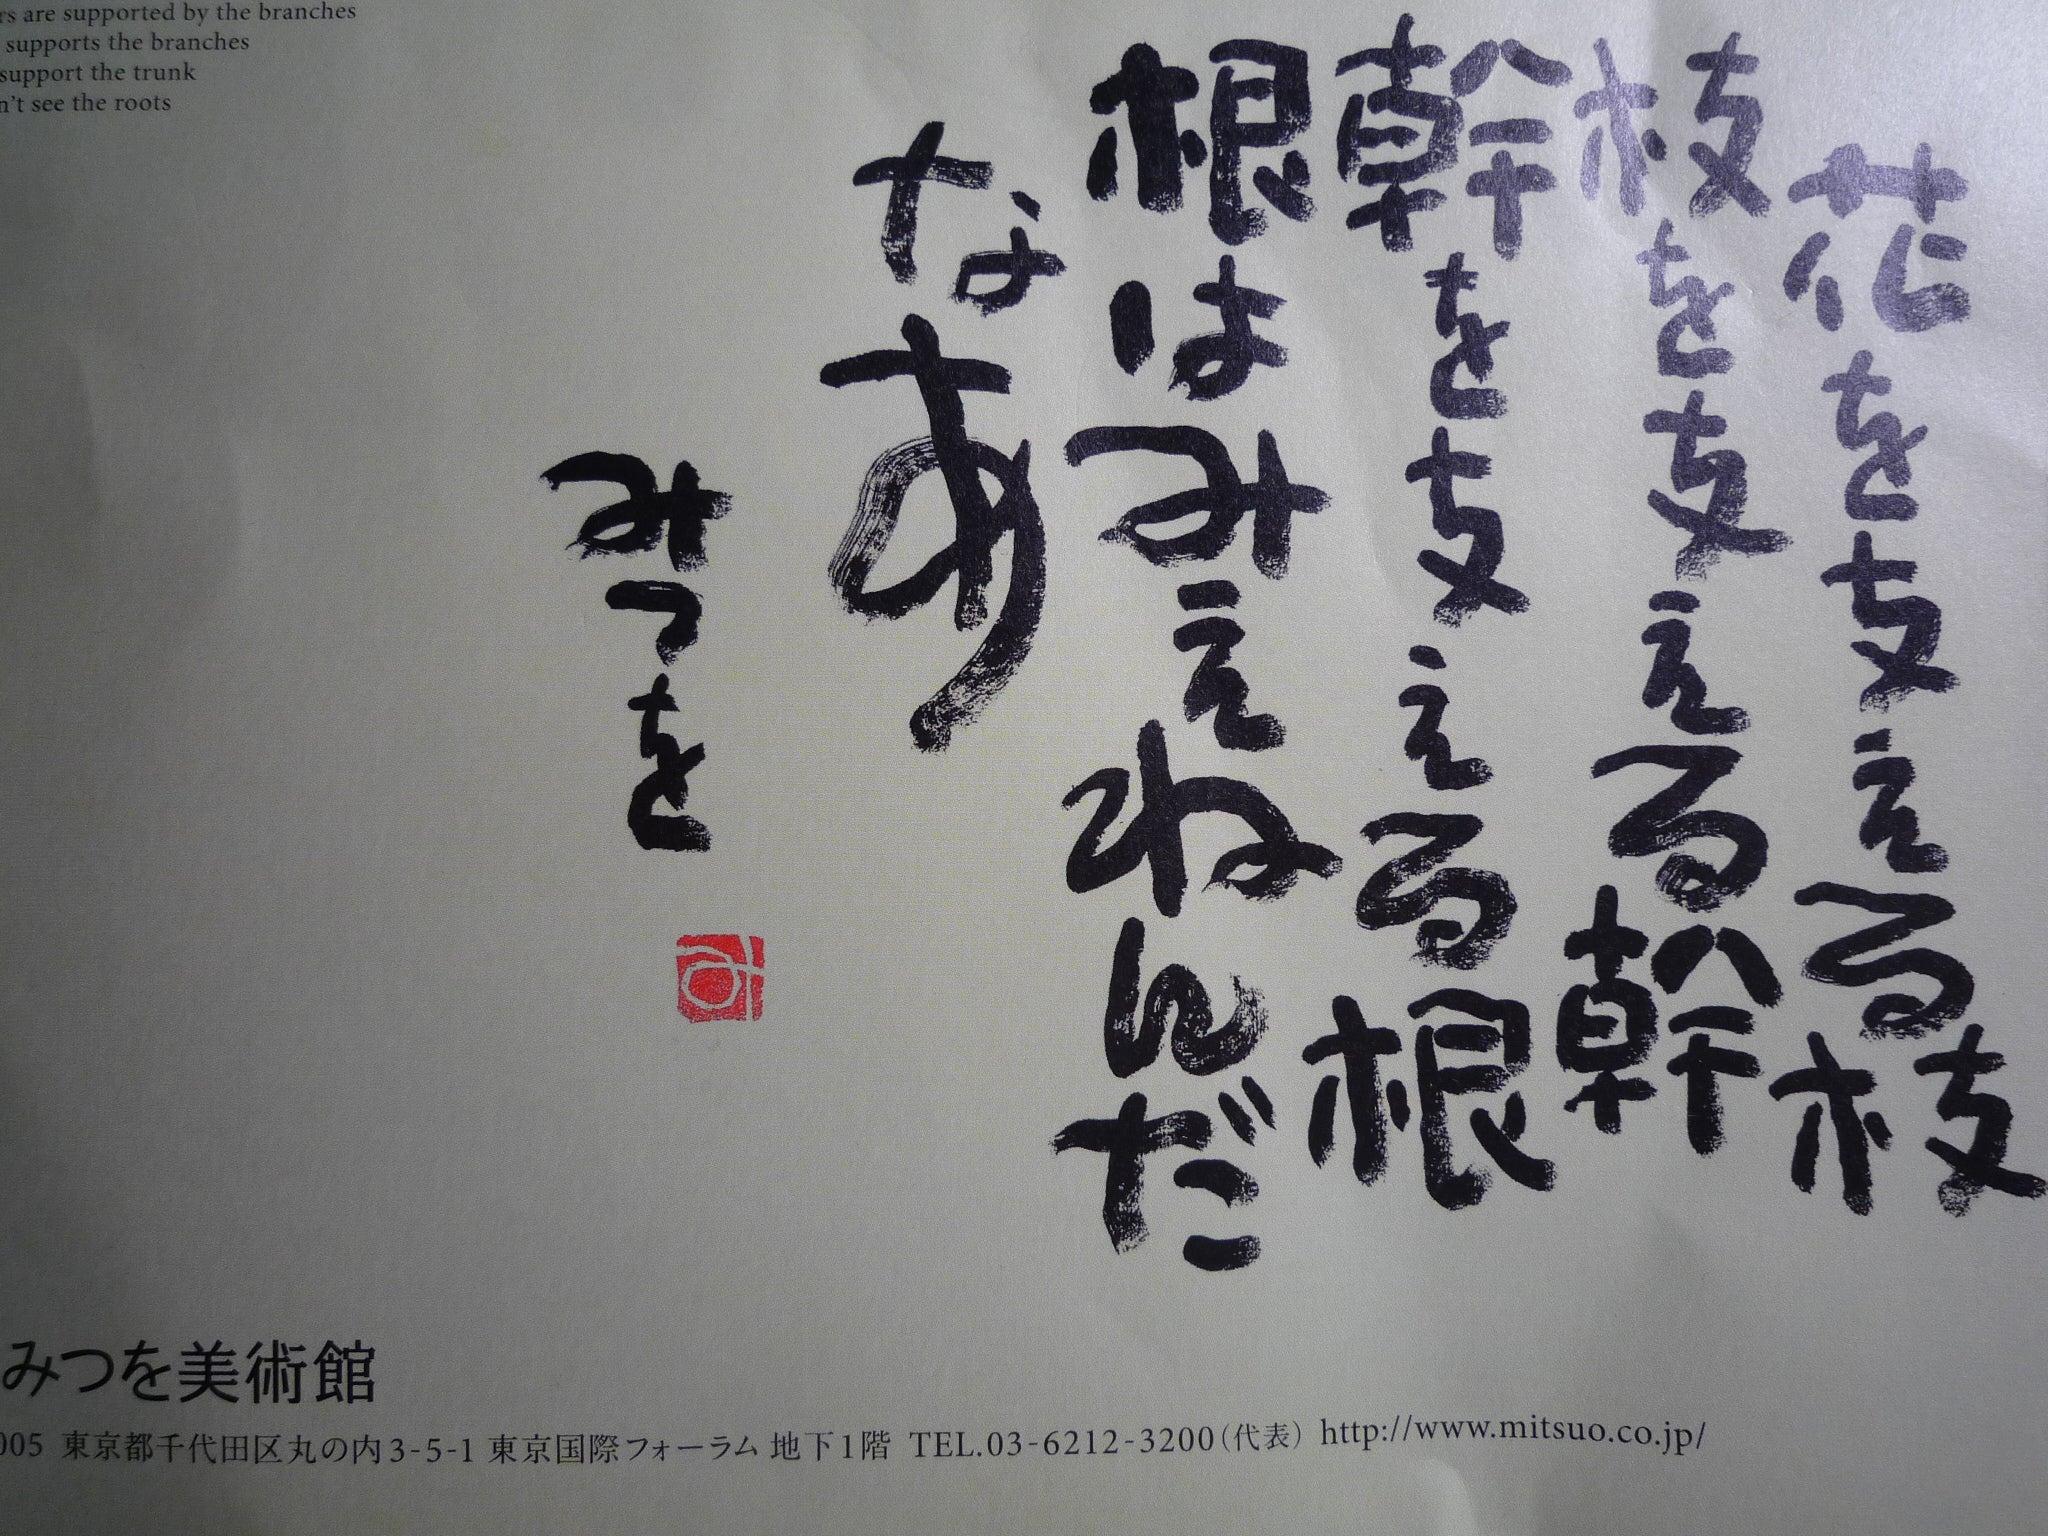 大手町 有楽町 相田みつを美術館 銀座 くゆりのブログ